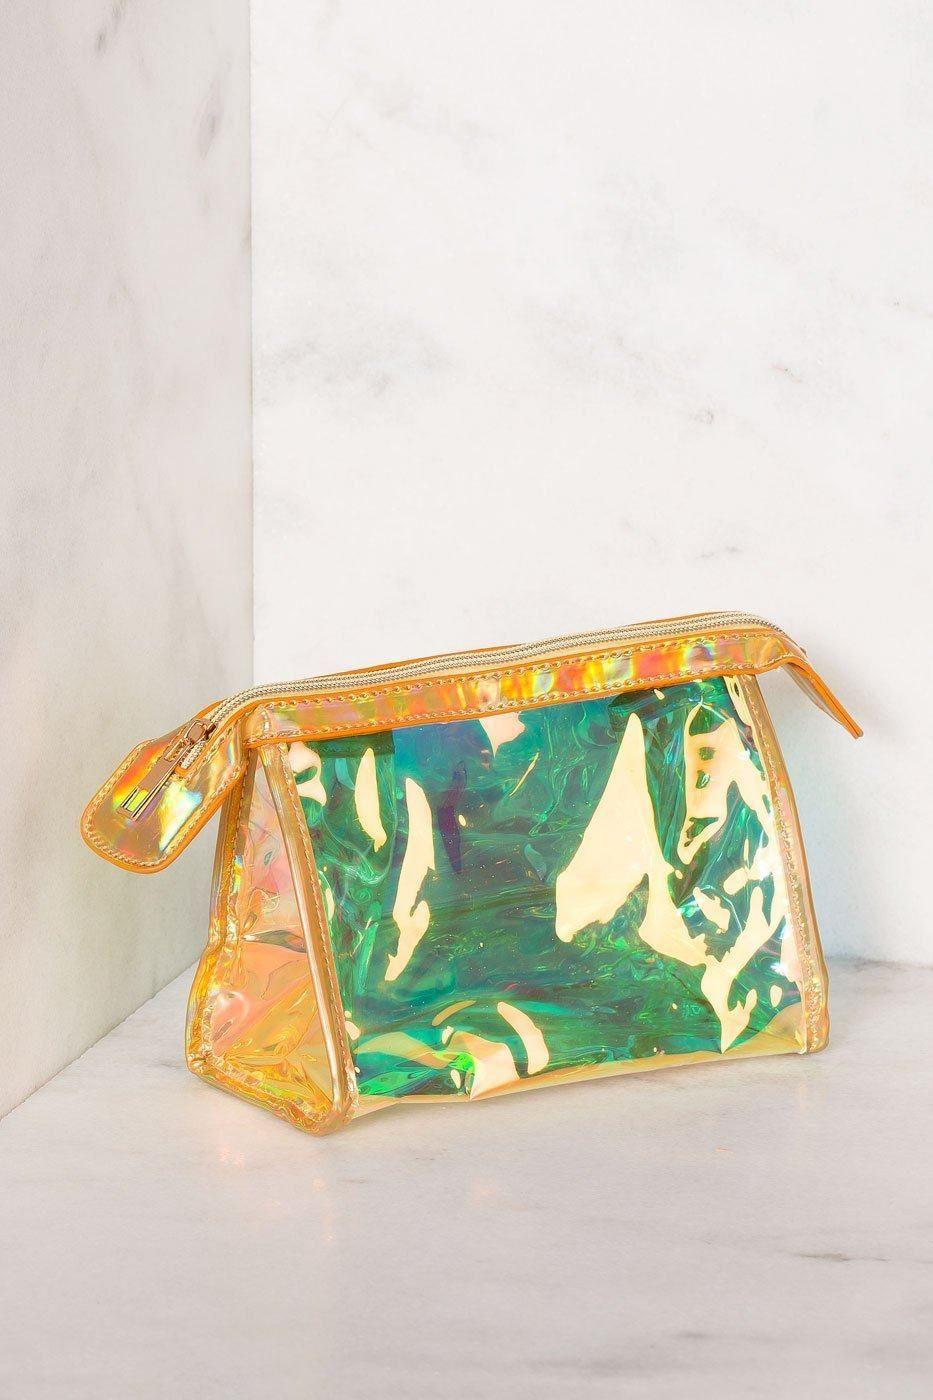 Daydream Iridescent Makeup Bag Iridescent clutch